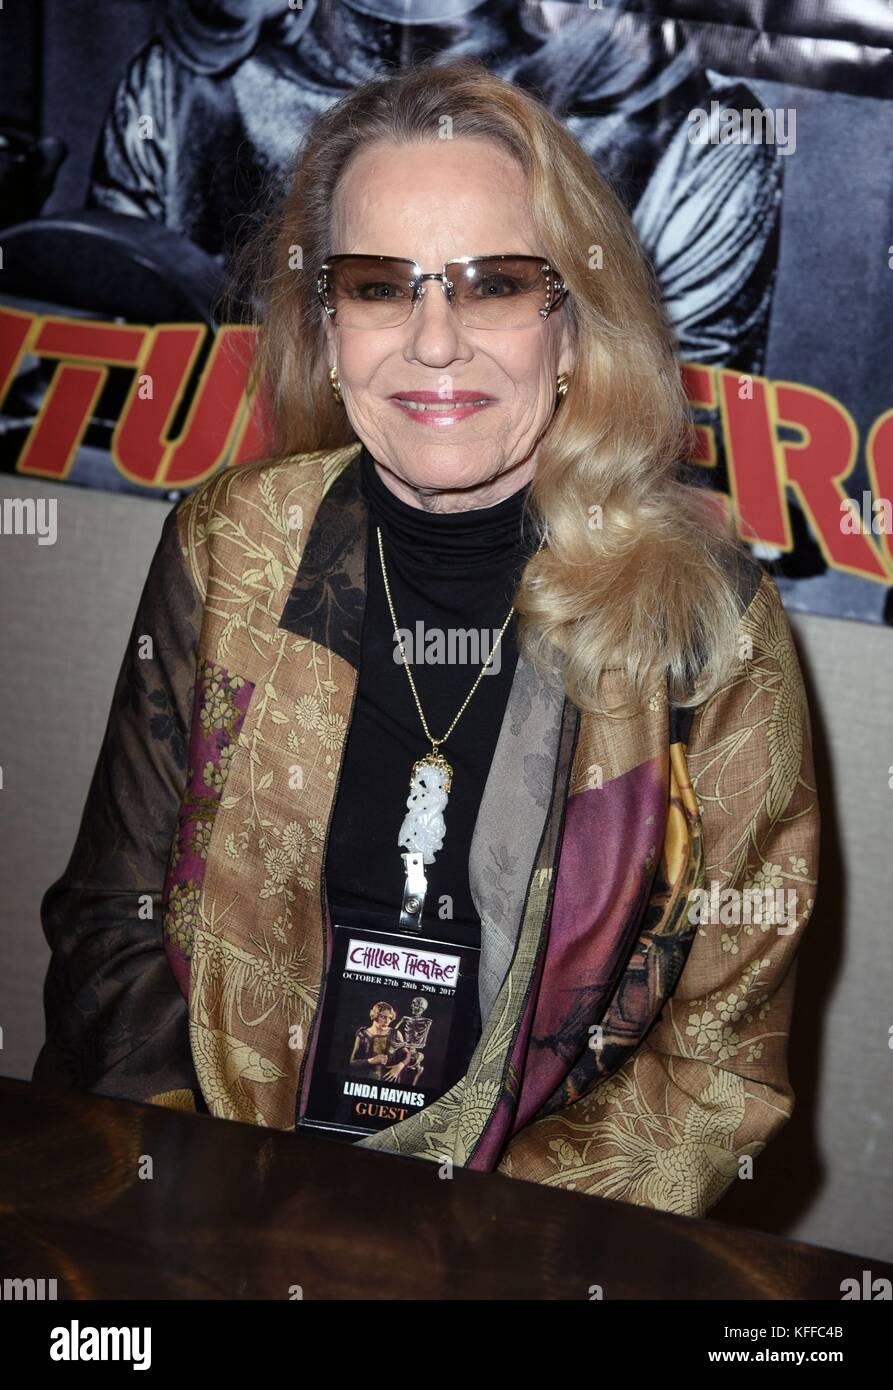 Linda Haynes